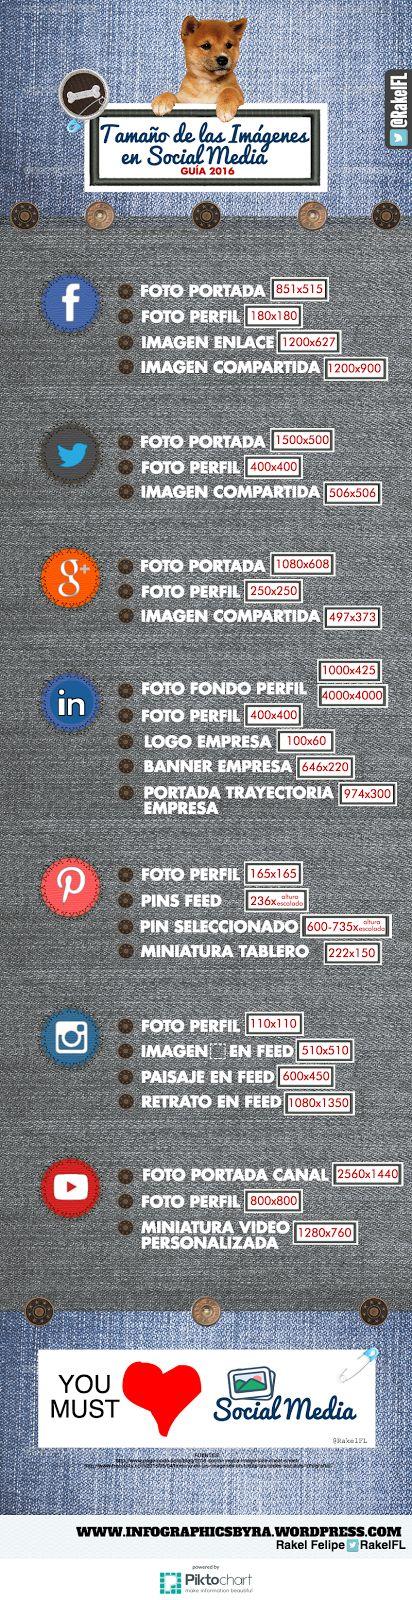 Tamaño de las imágenes en Social Media #Infografía